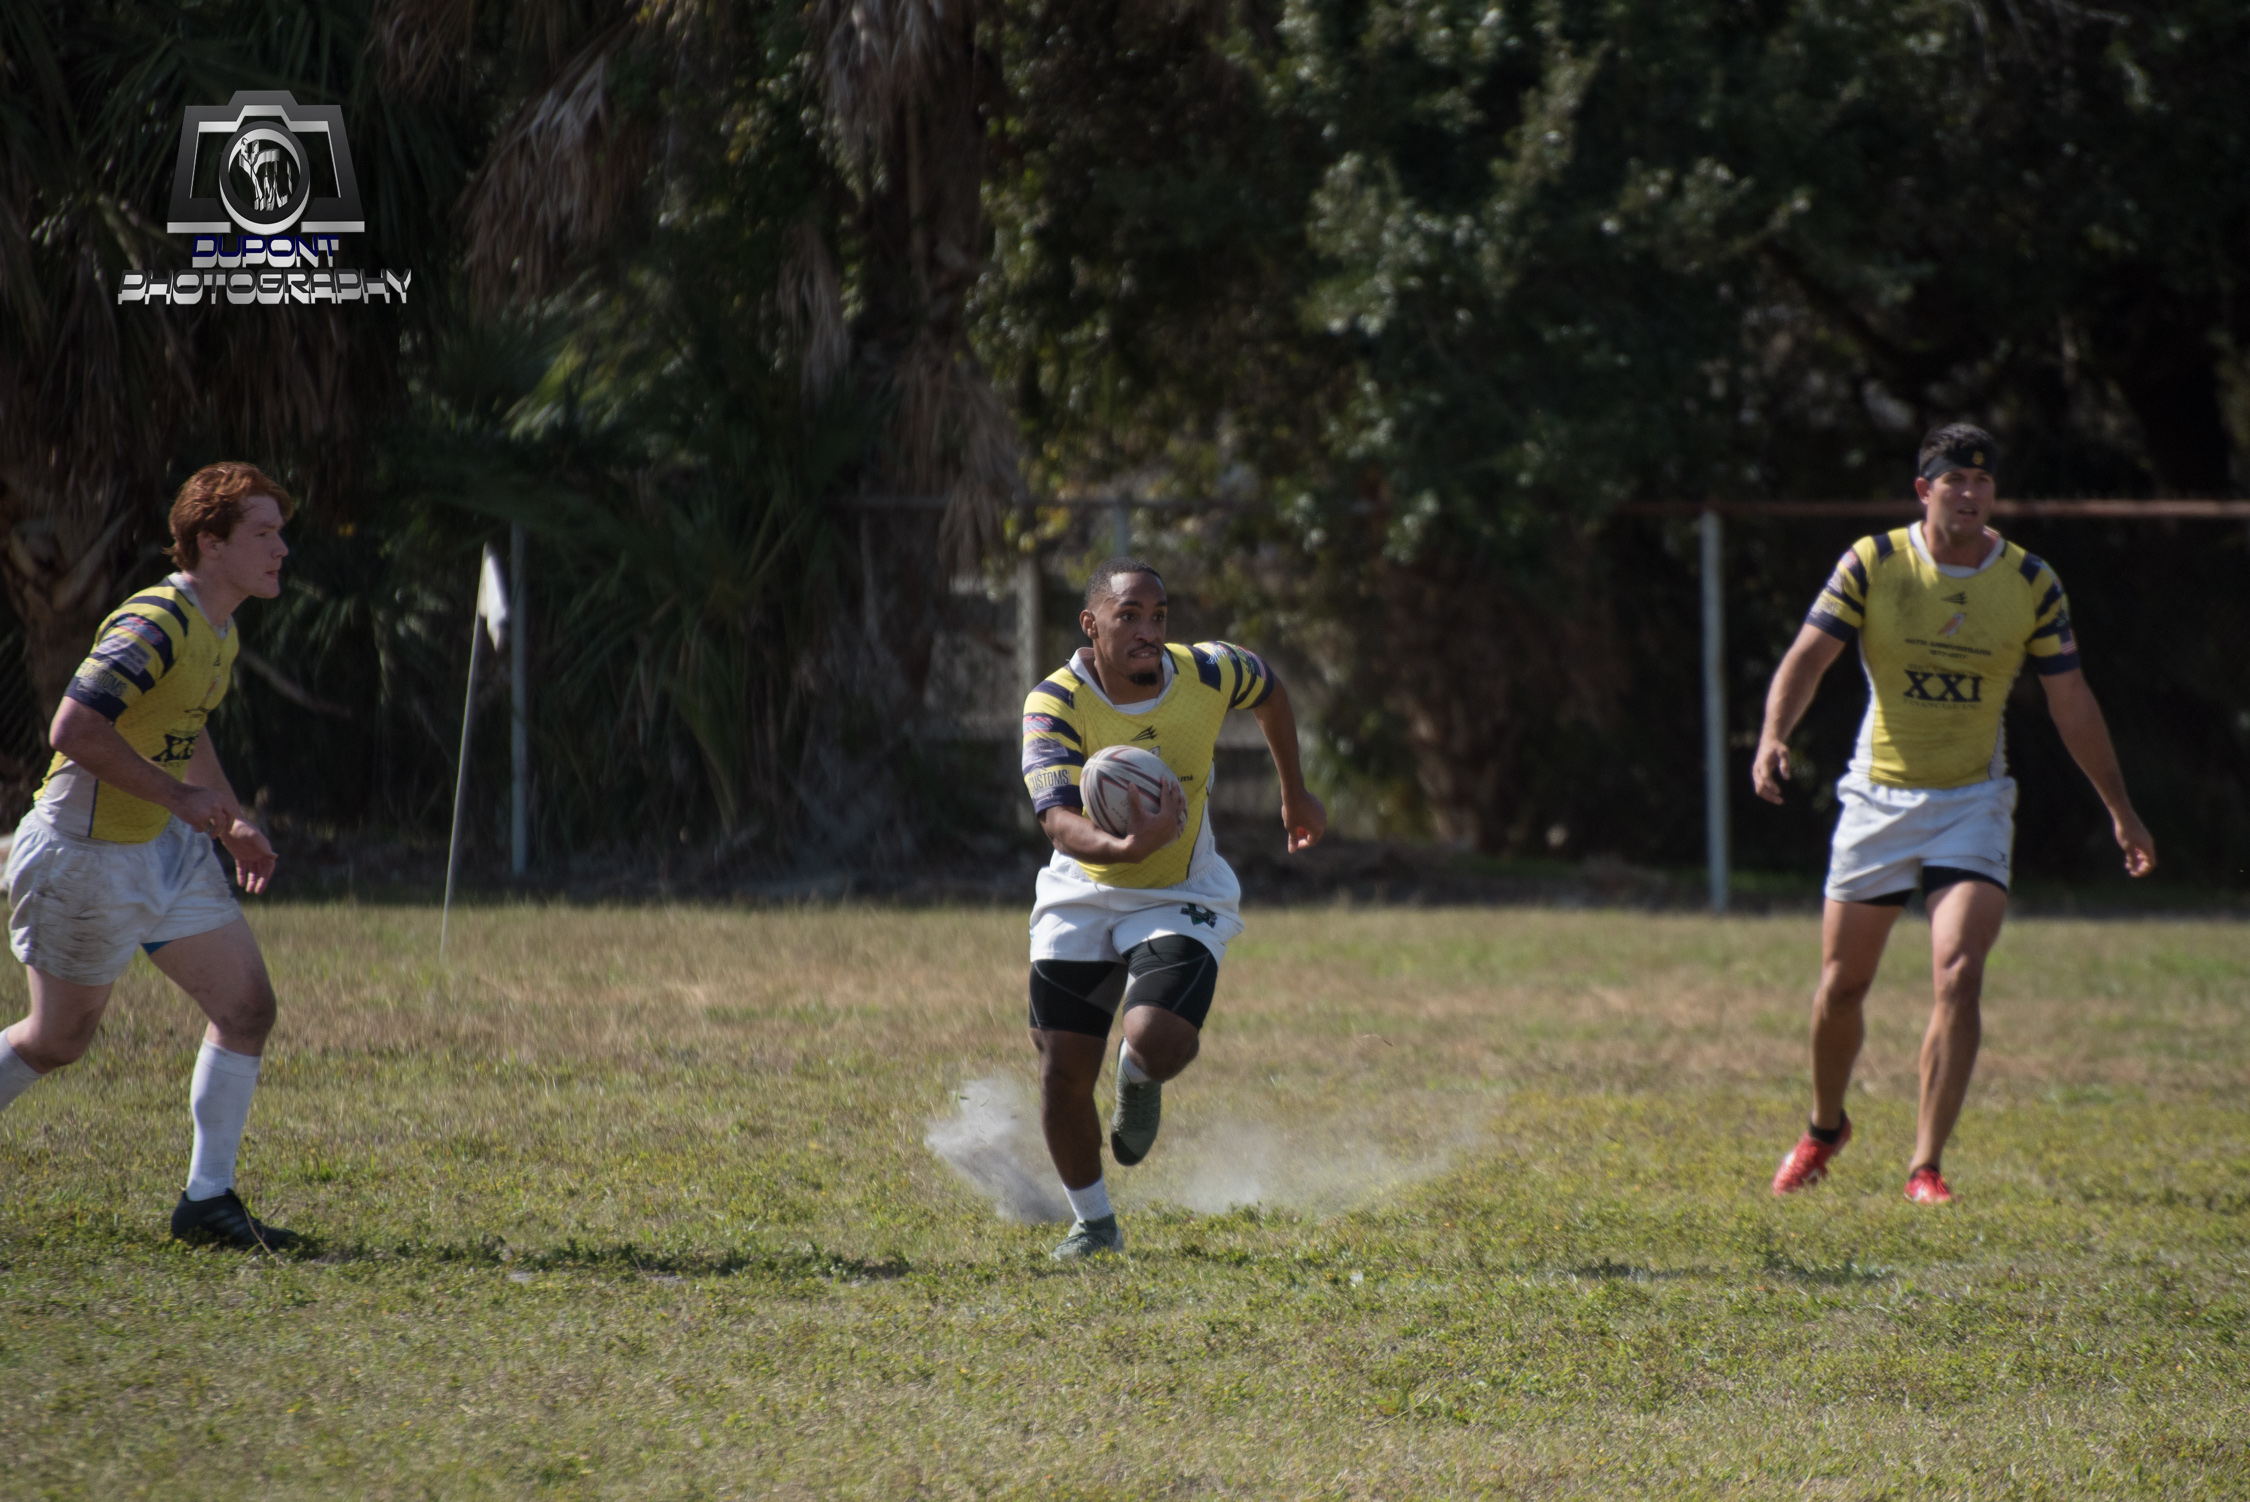 2019-01-19 Rugby-570-8.jpg